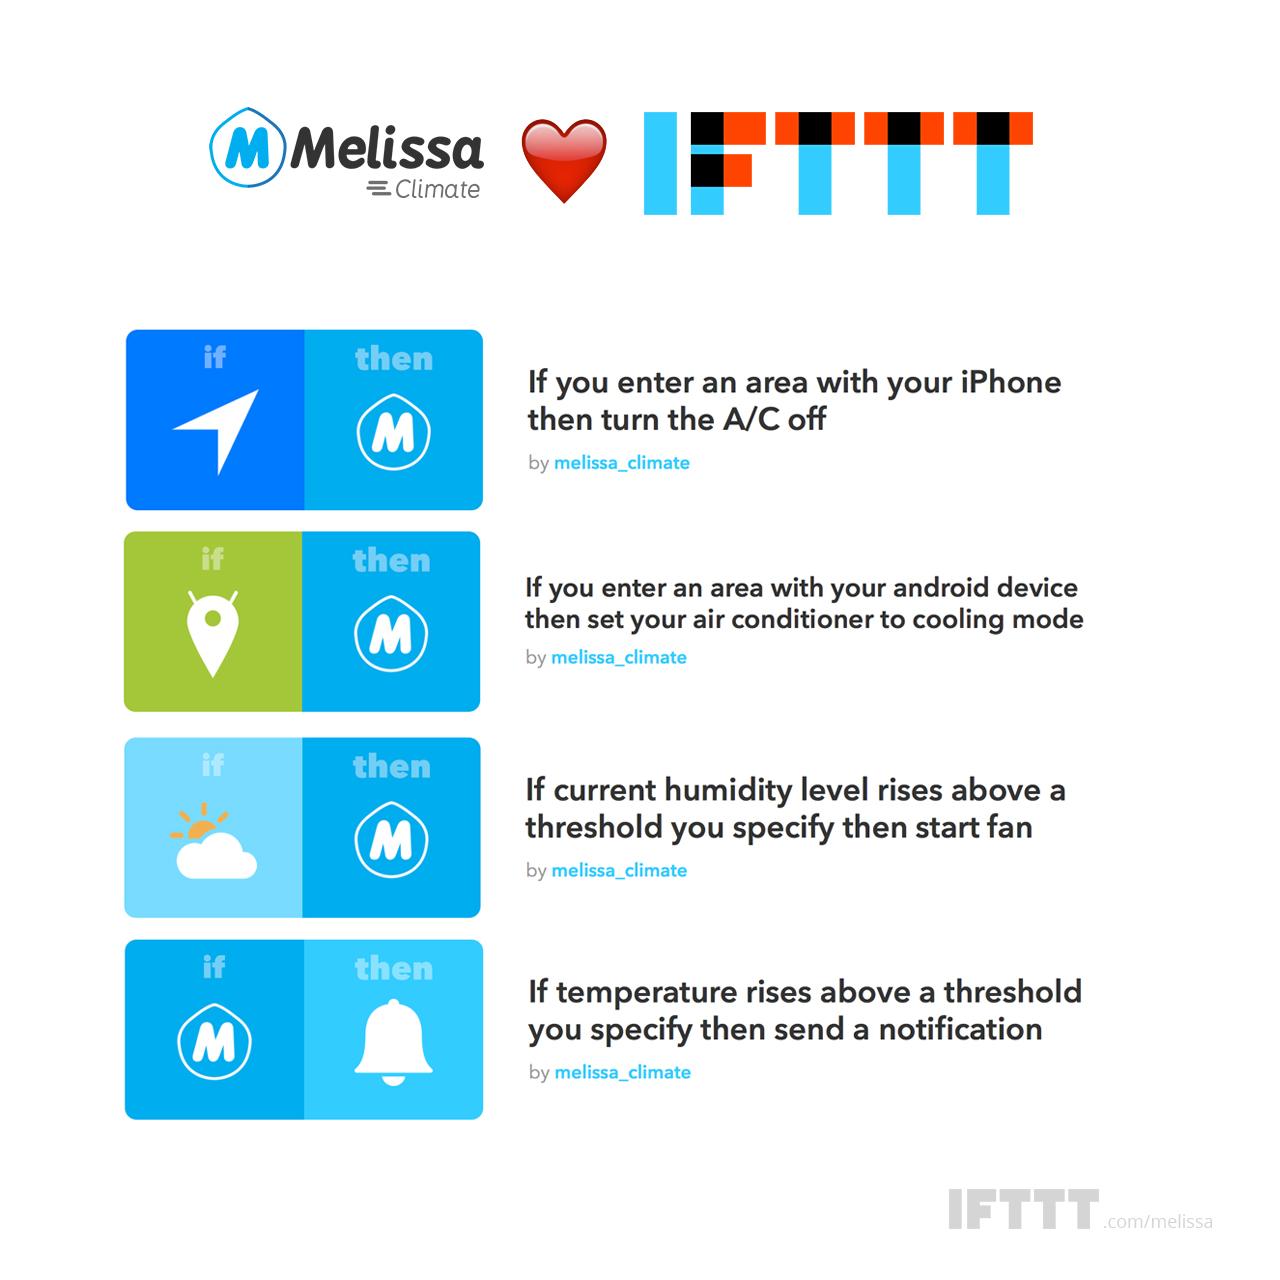 melissa-ifttt-2